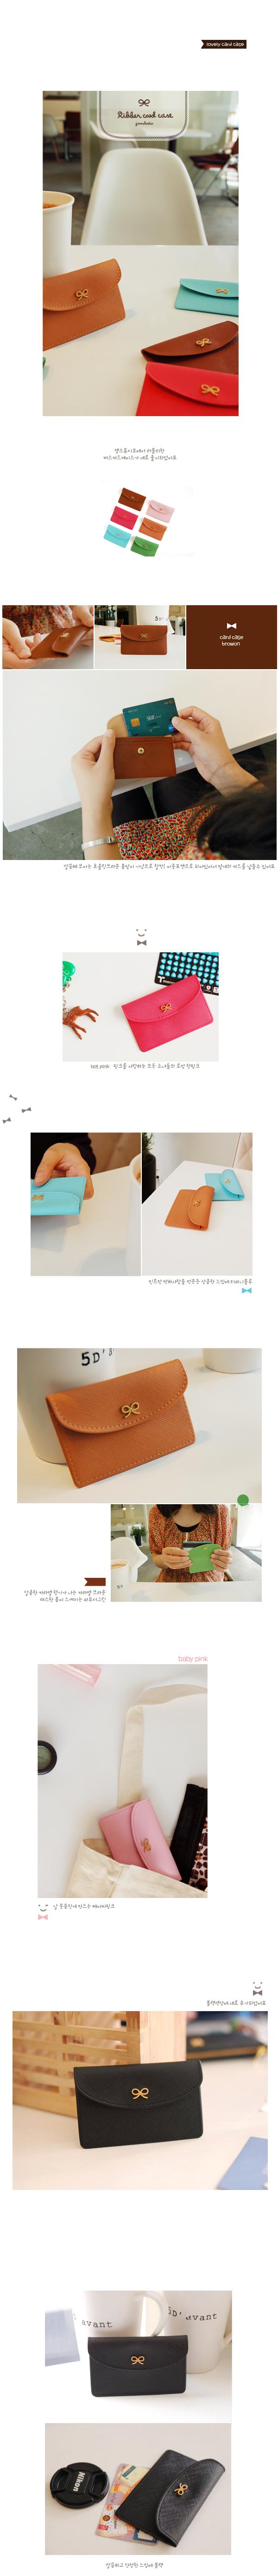 ribbon card case_교통카드케이스 - 잼스튜디오, 5,800원, 카드지갑/카드목걸이, 카드지갑